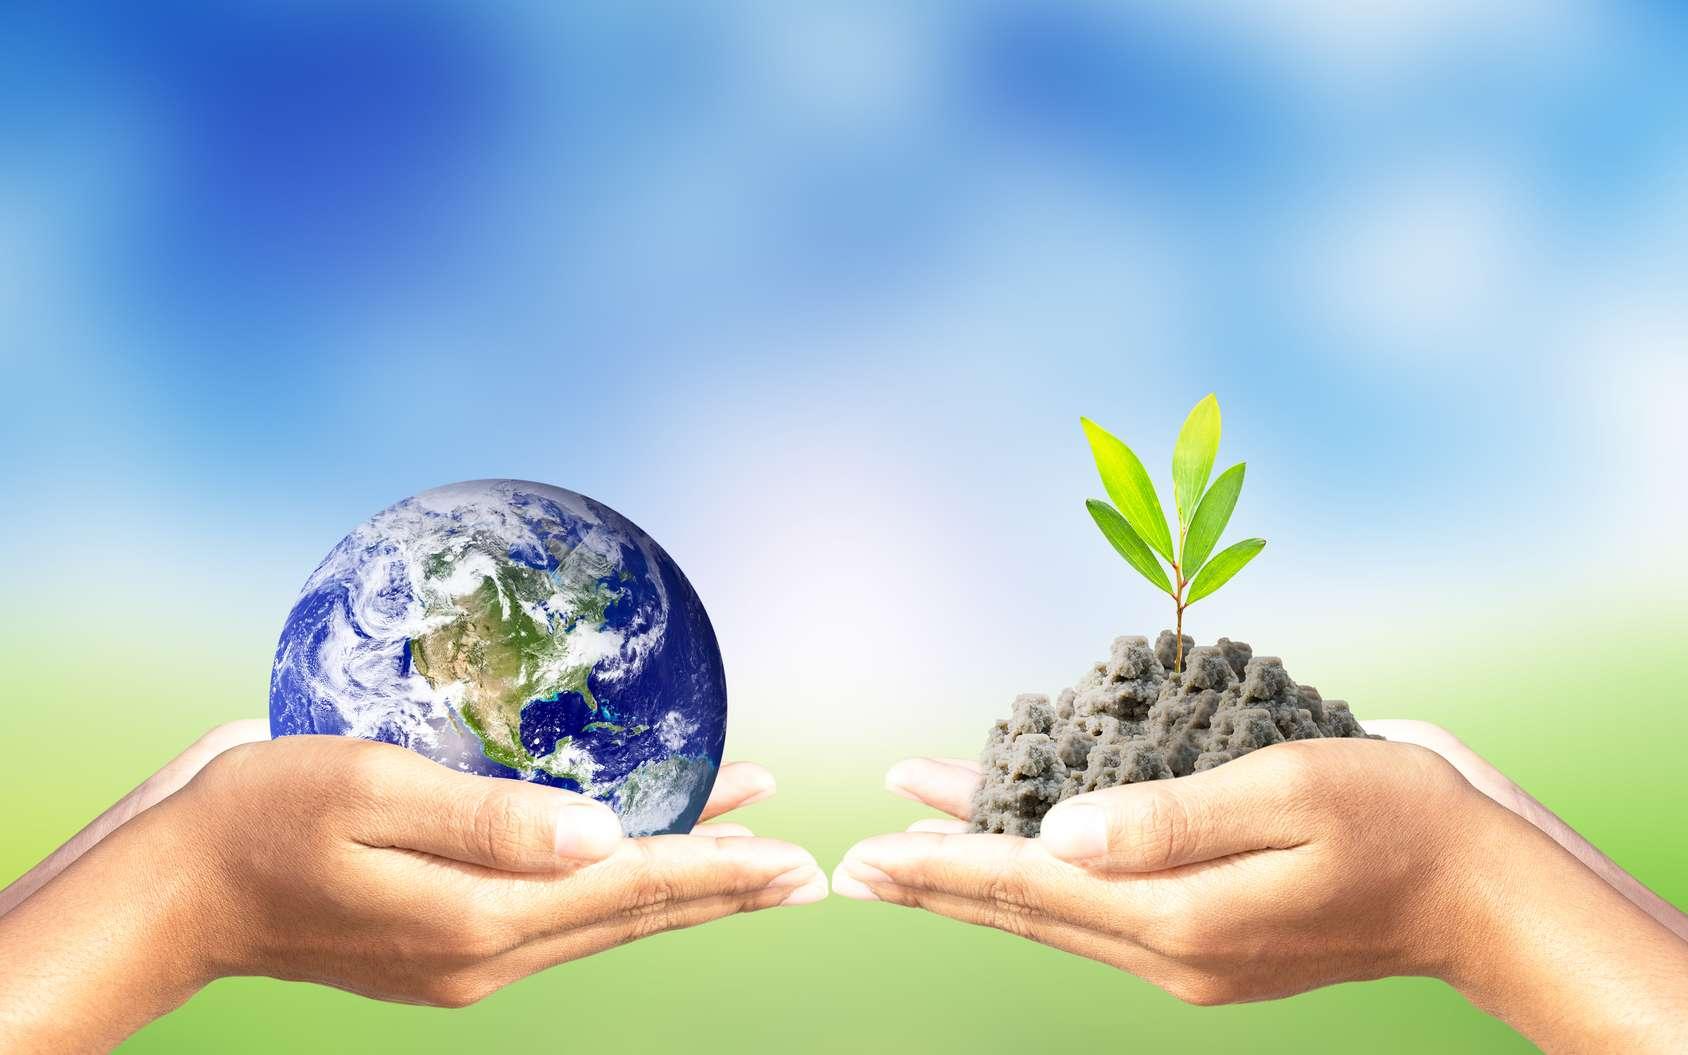 Nourrir 9 milliards d'êtres humains sans nuire à la Planète, c'est possible ! © buraratn_100, Fotolia